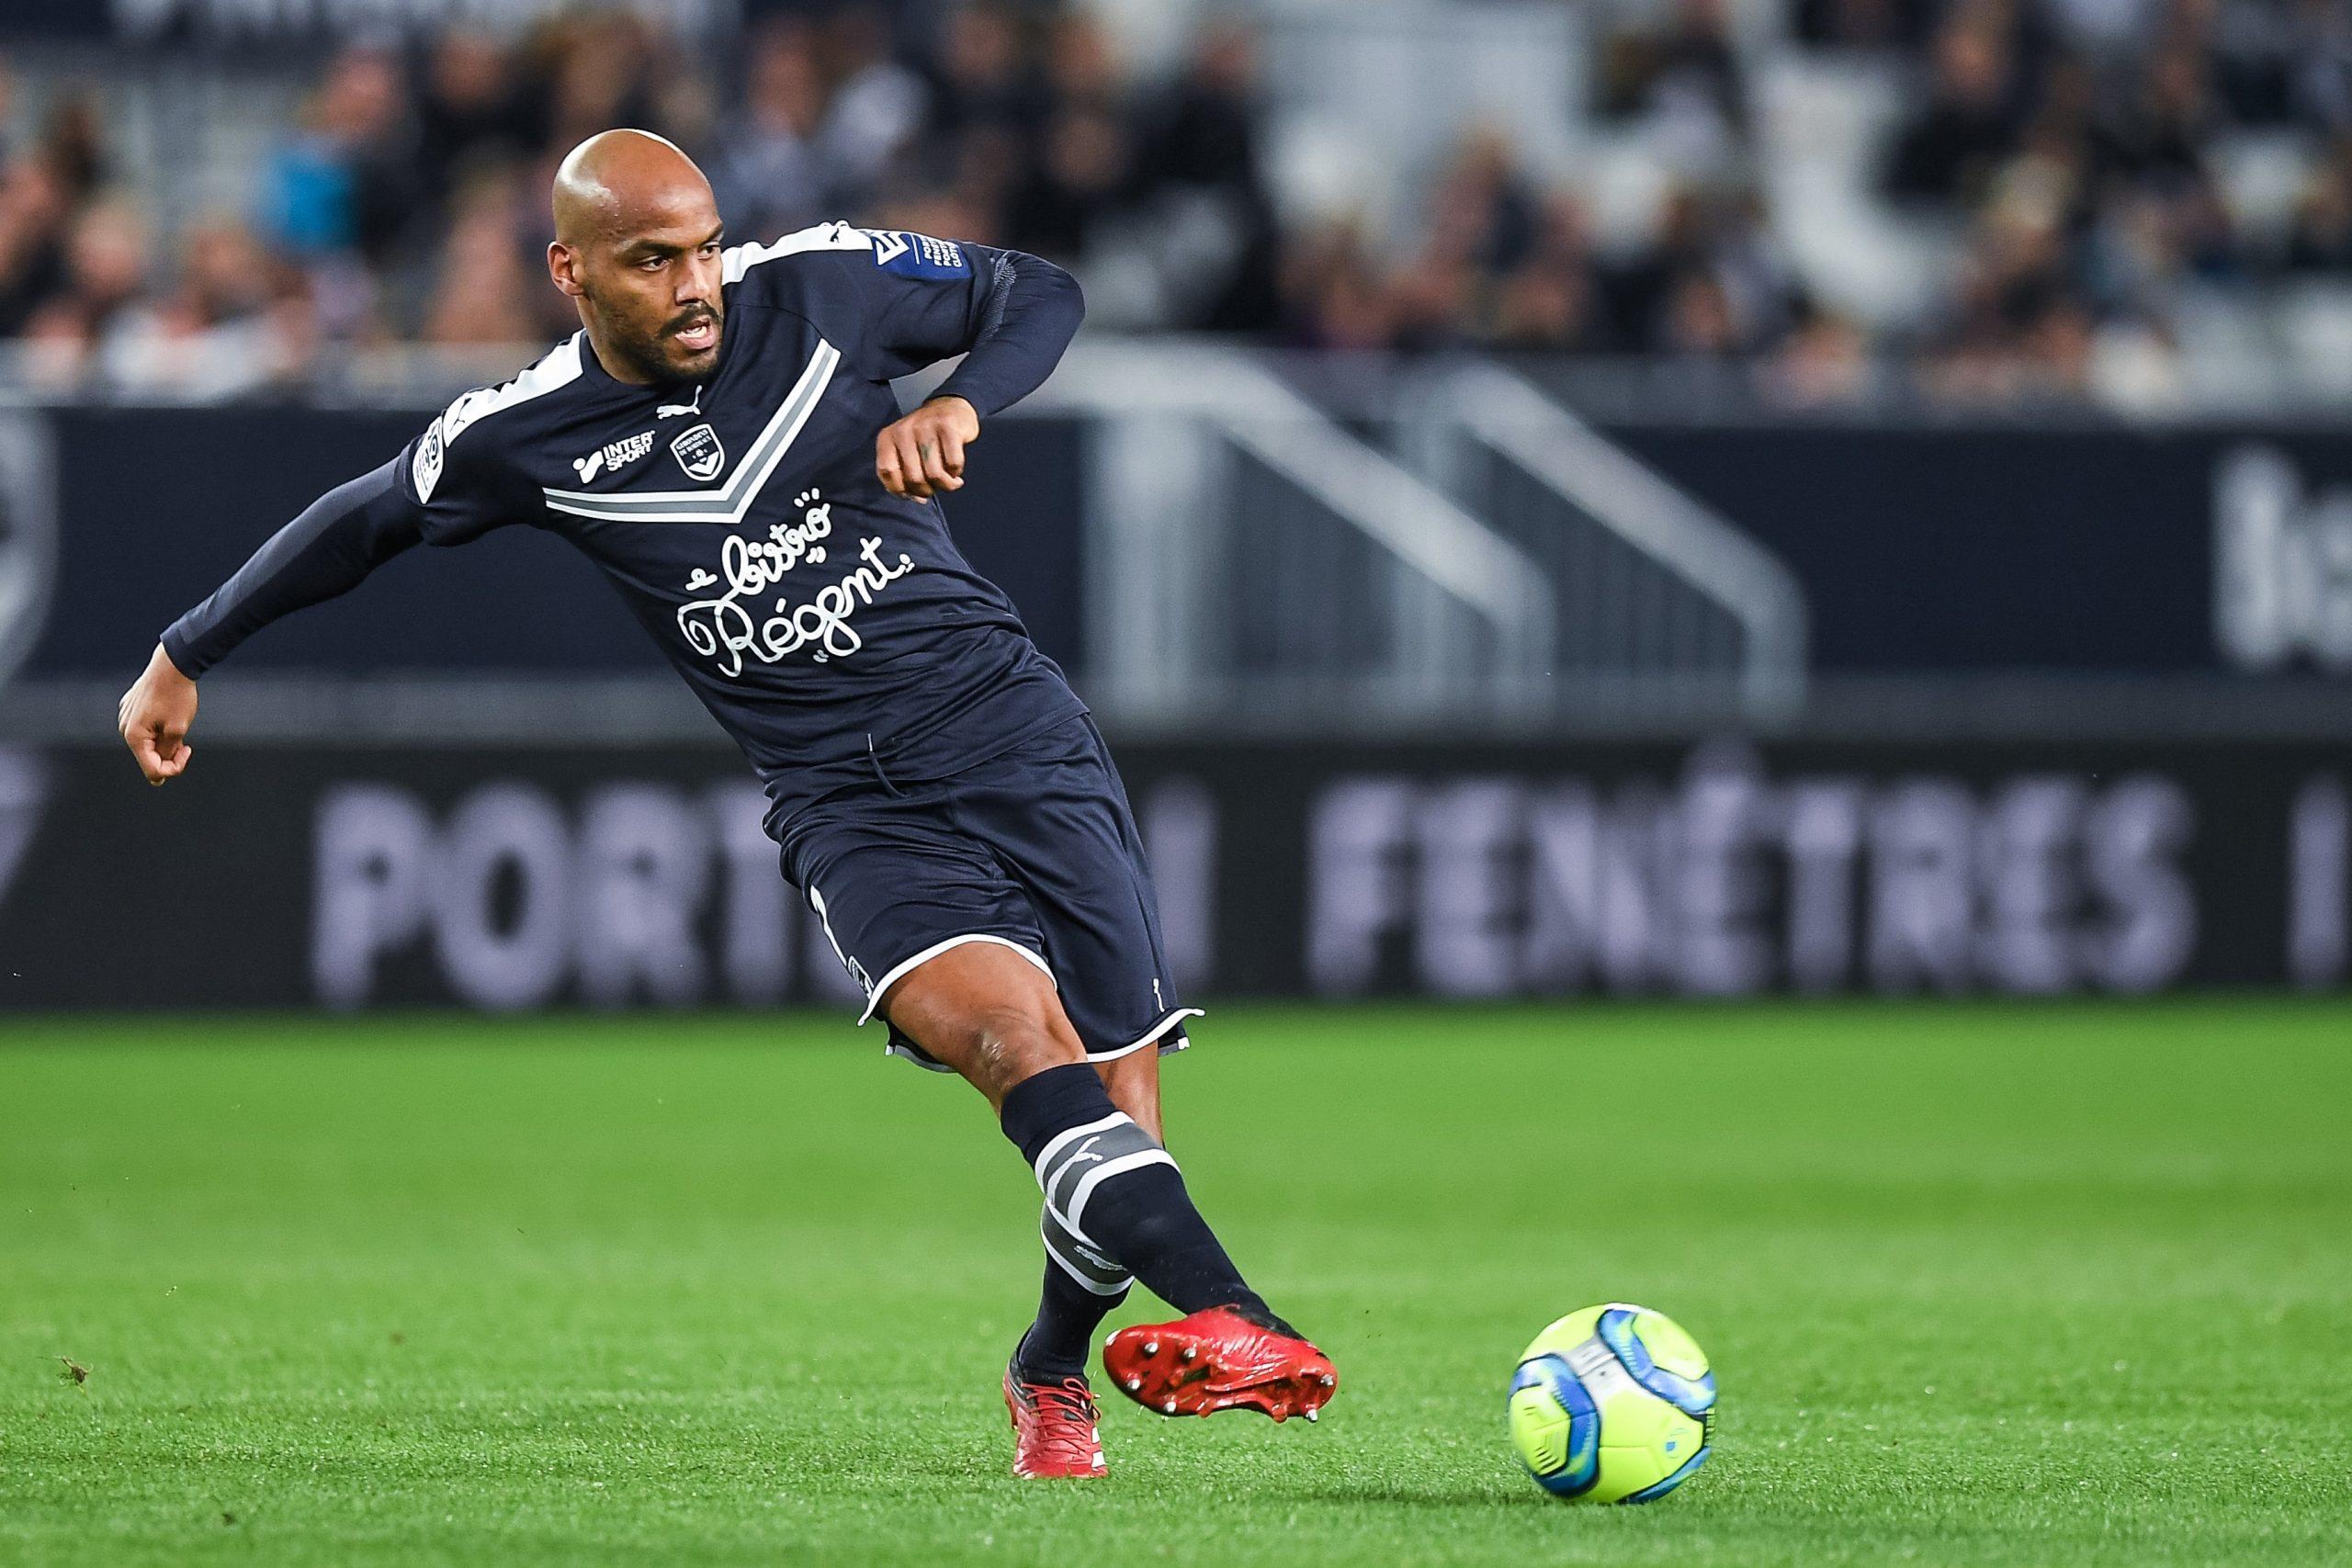 """PSG/Bordeaux - Briand souligne que les Parisiens """"auront envie de rebondir"""""""